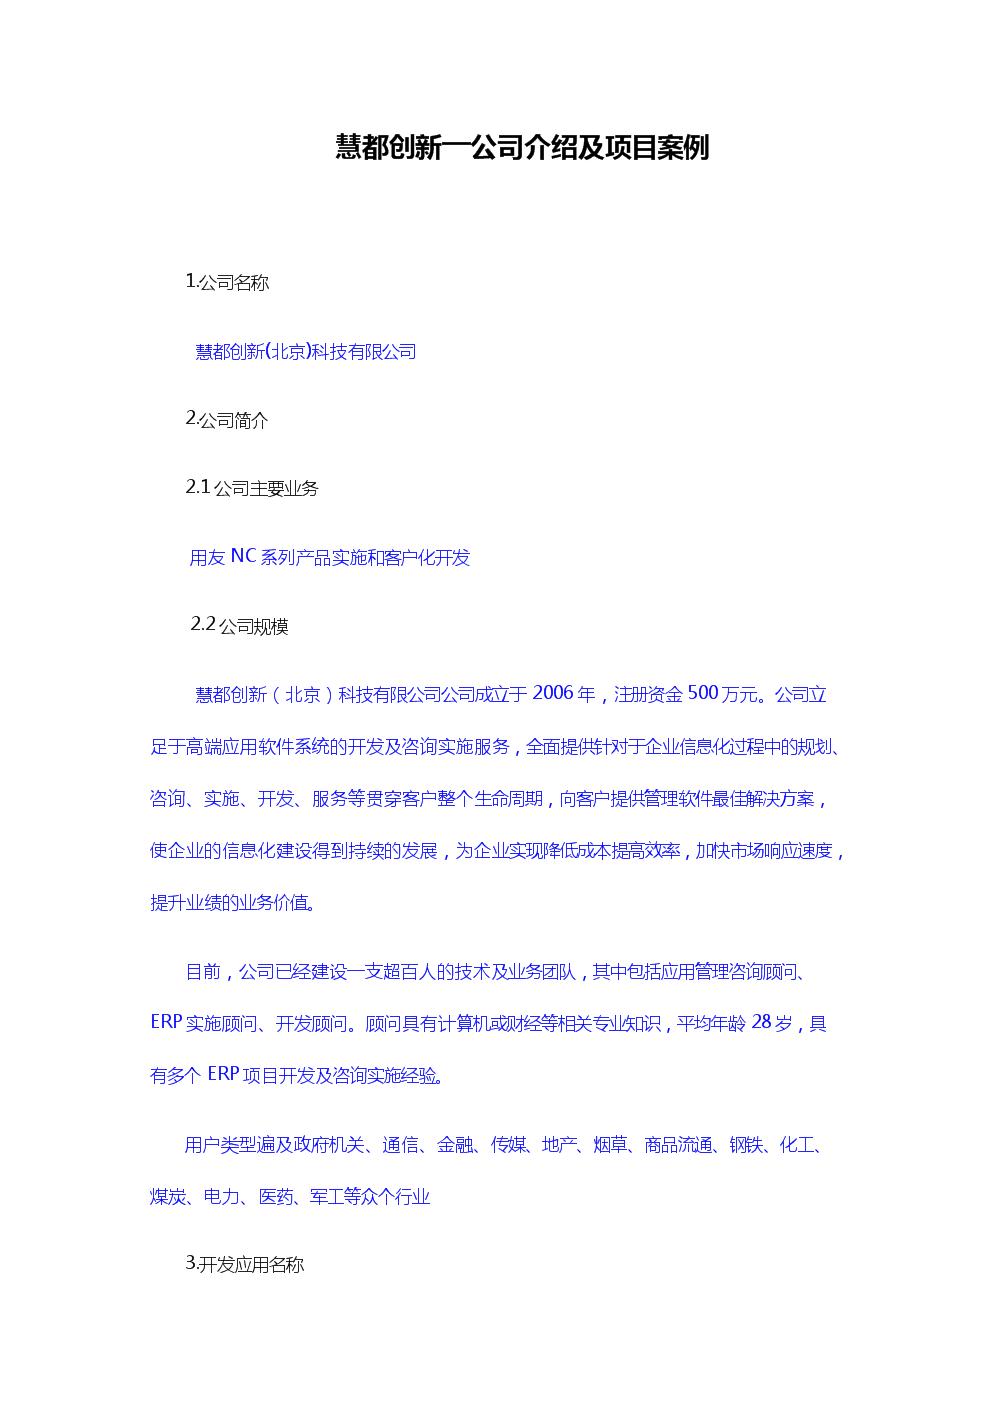 慧都创新—公司介绍及项目案例.docx